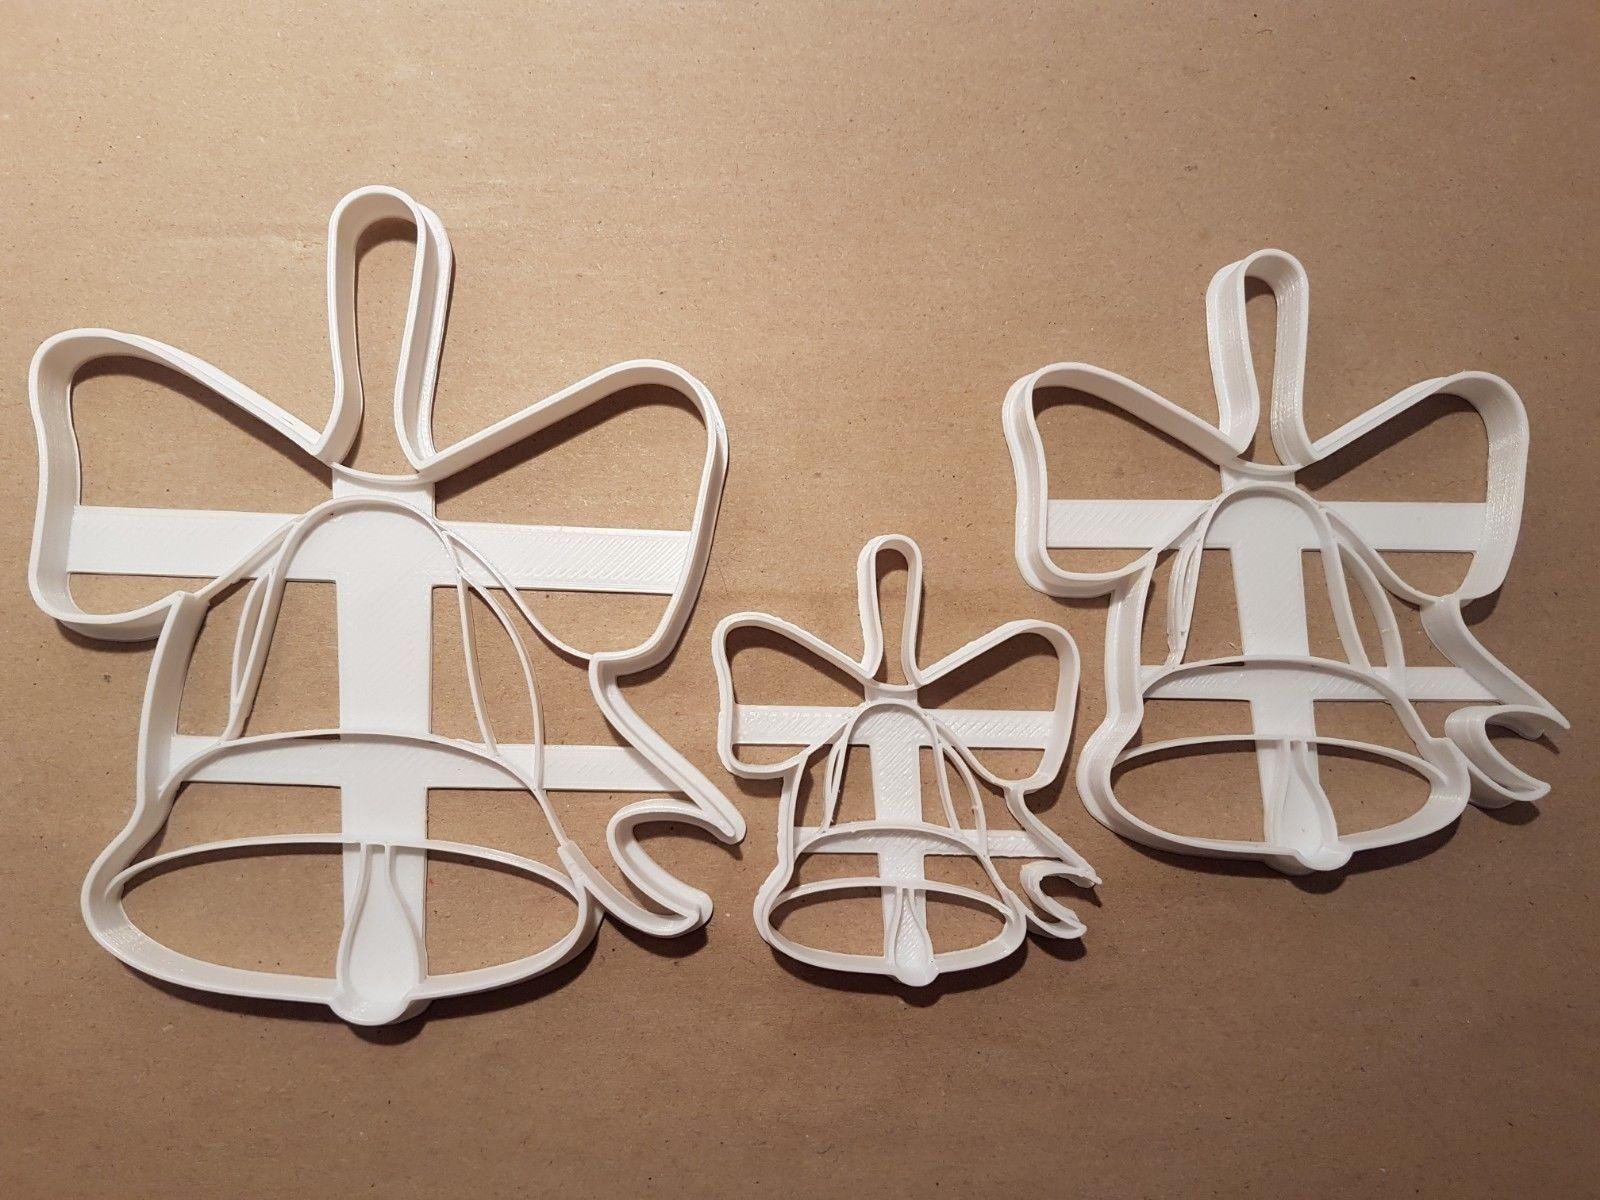 100 D-Ringe Halbrundringe vernickelt 25 x 3,4 verschweißt Basteln Modellbau sm